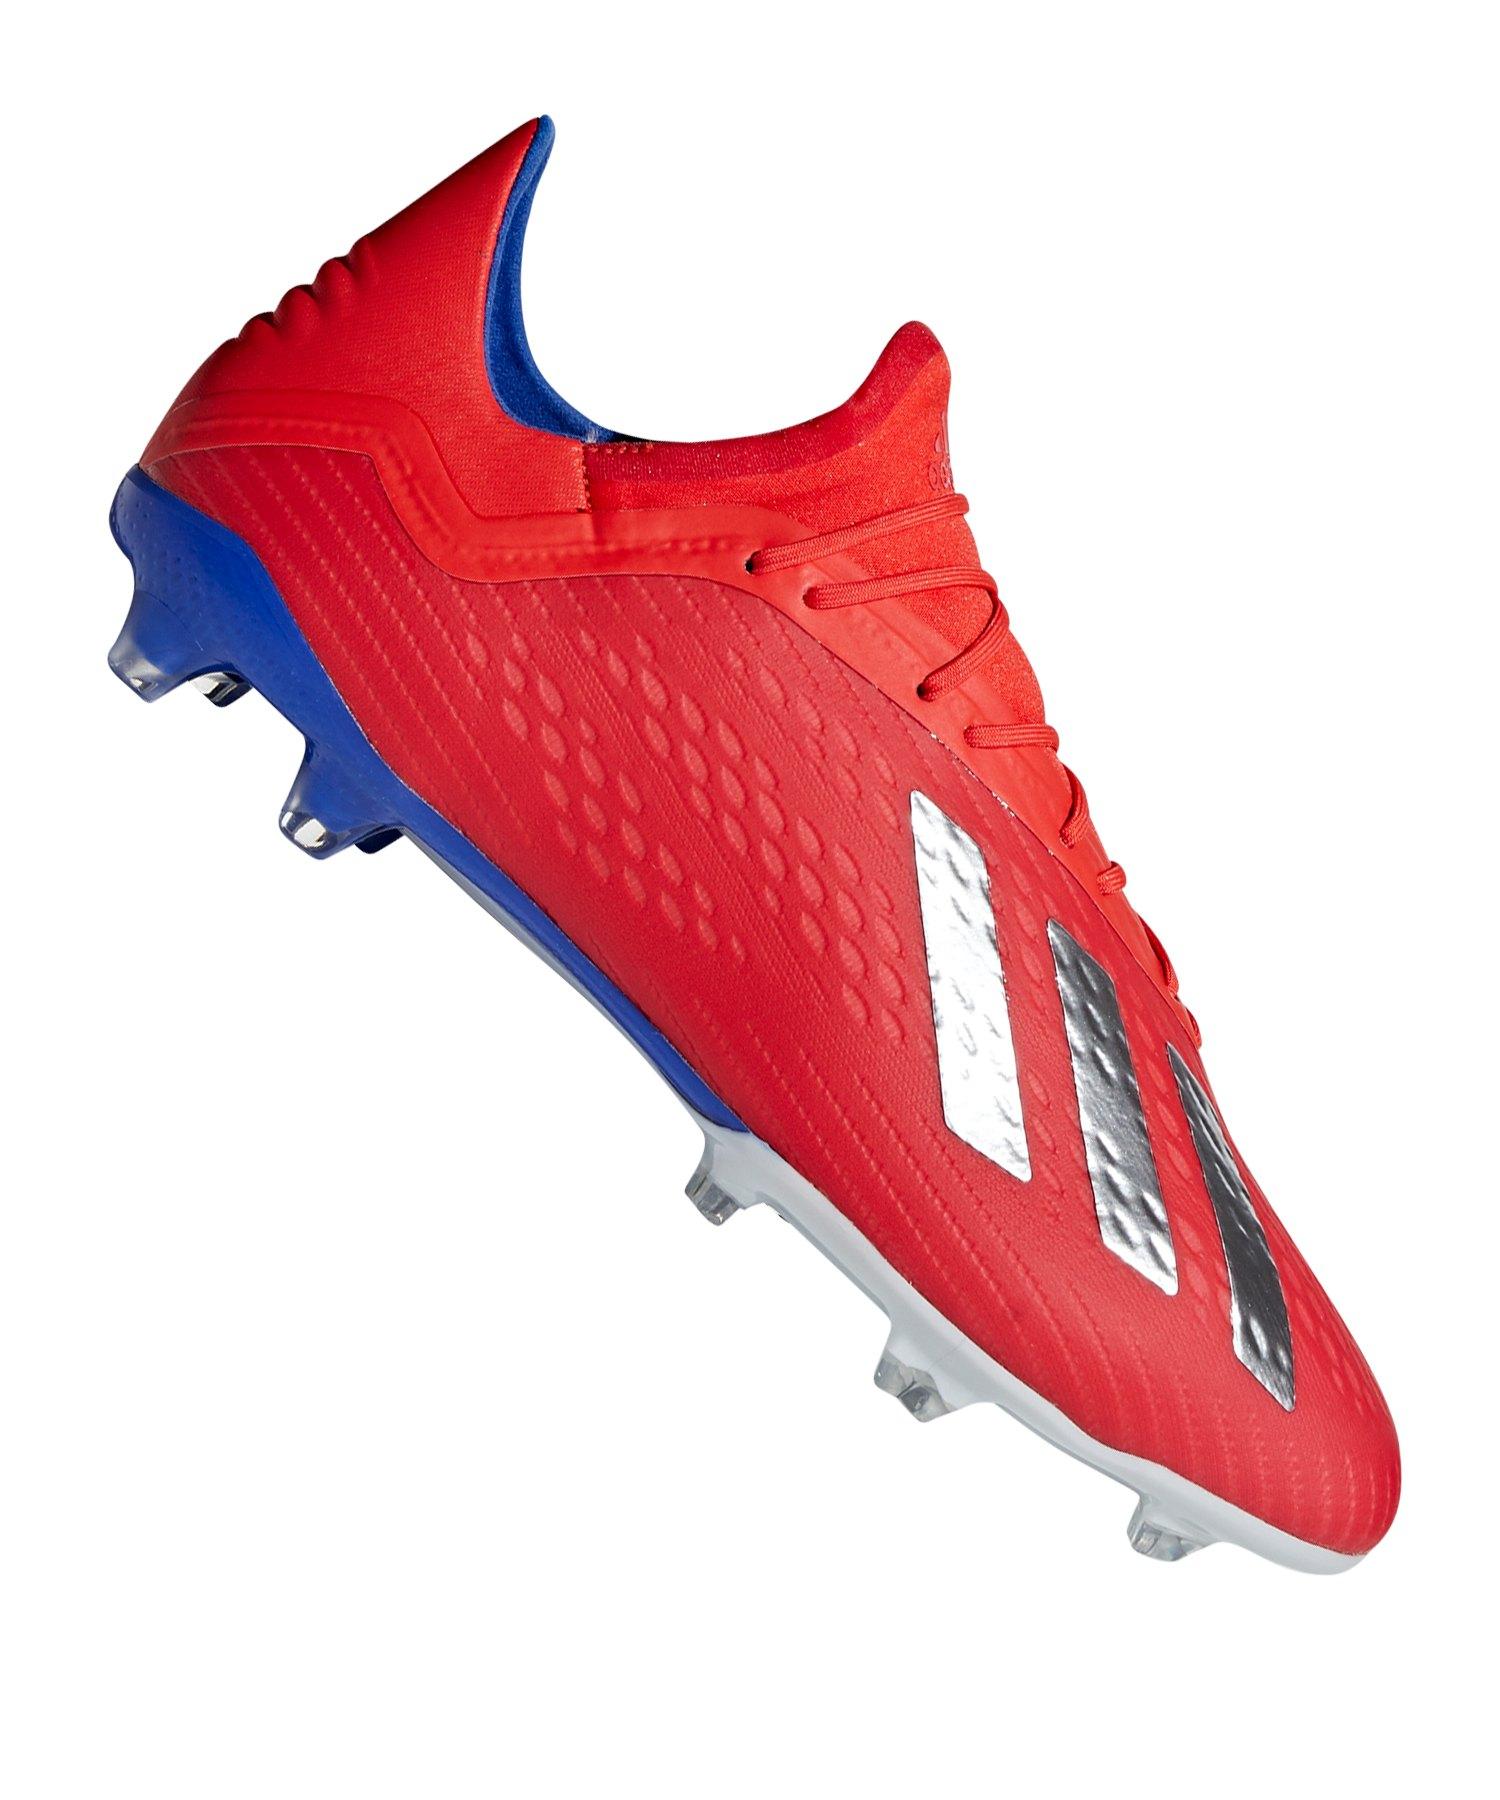 adidas X 18.2 FG Rot Blau - rot